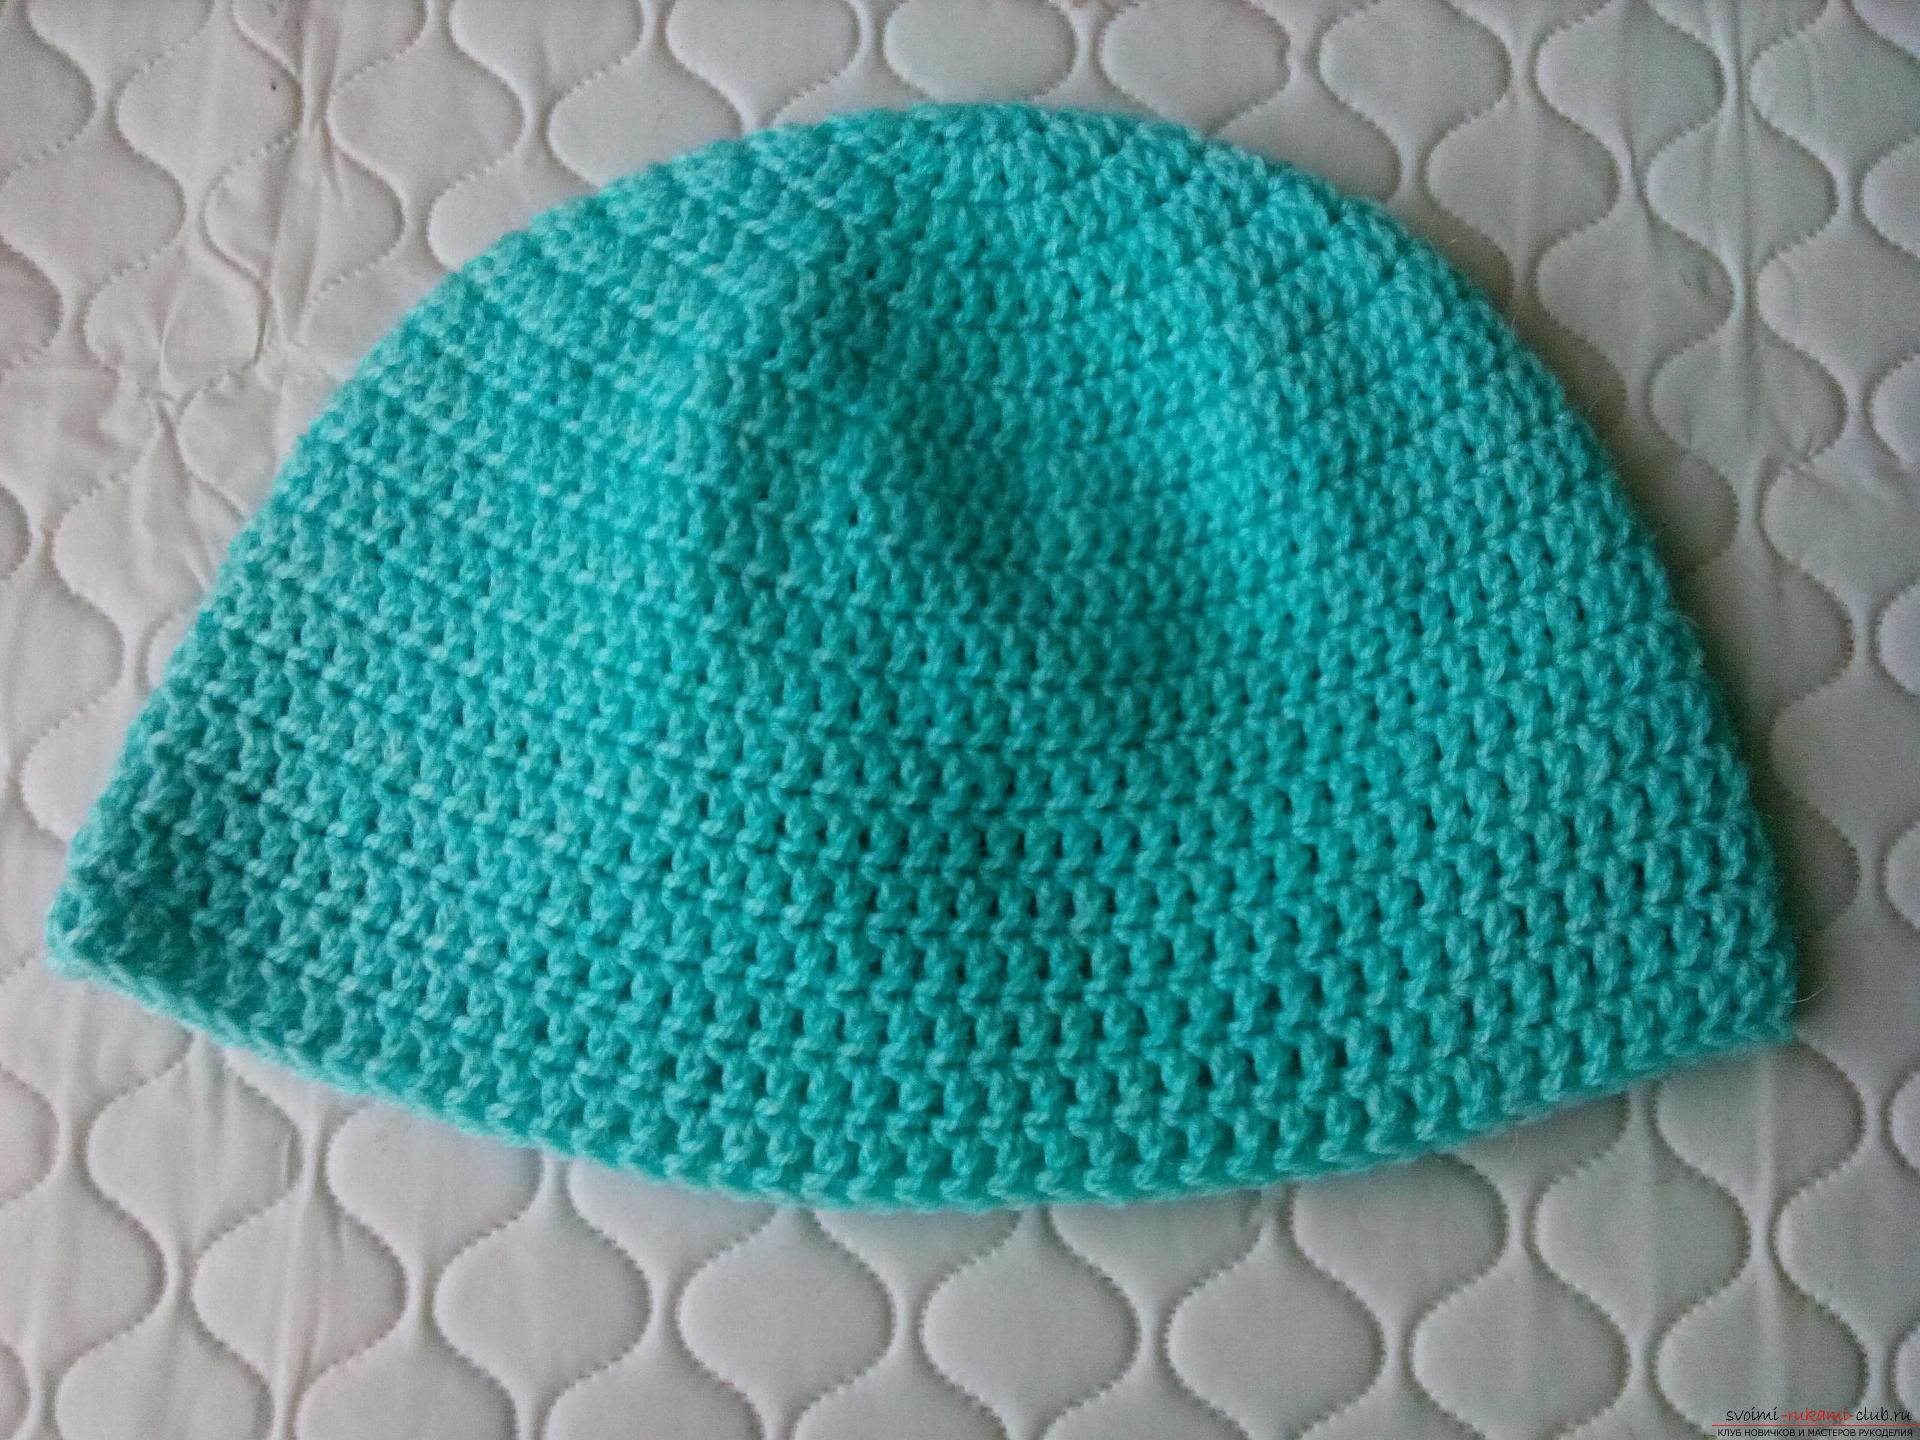 Пошаговое описание и фото вязания крючком комплекта для мальчика из шапочки и шарфа. Фото №6